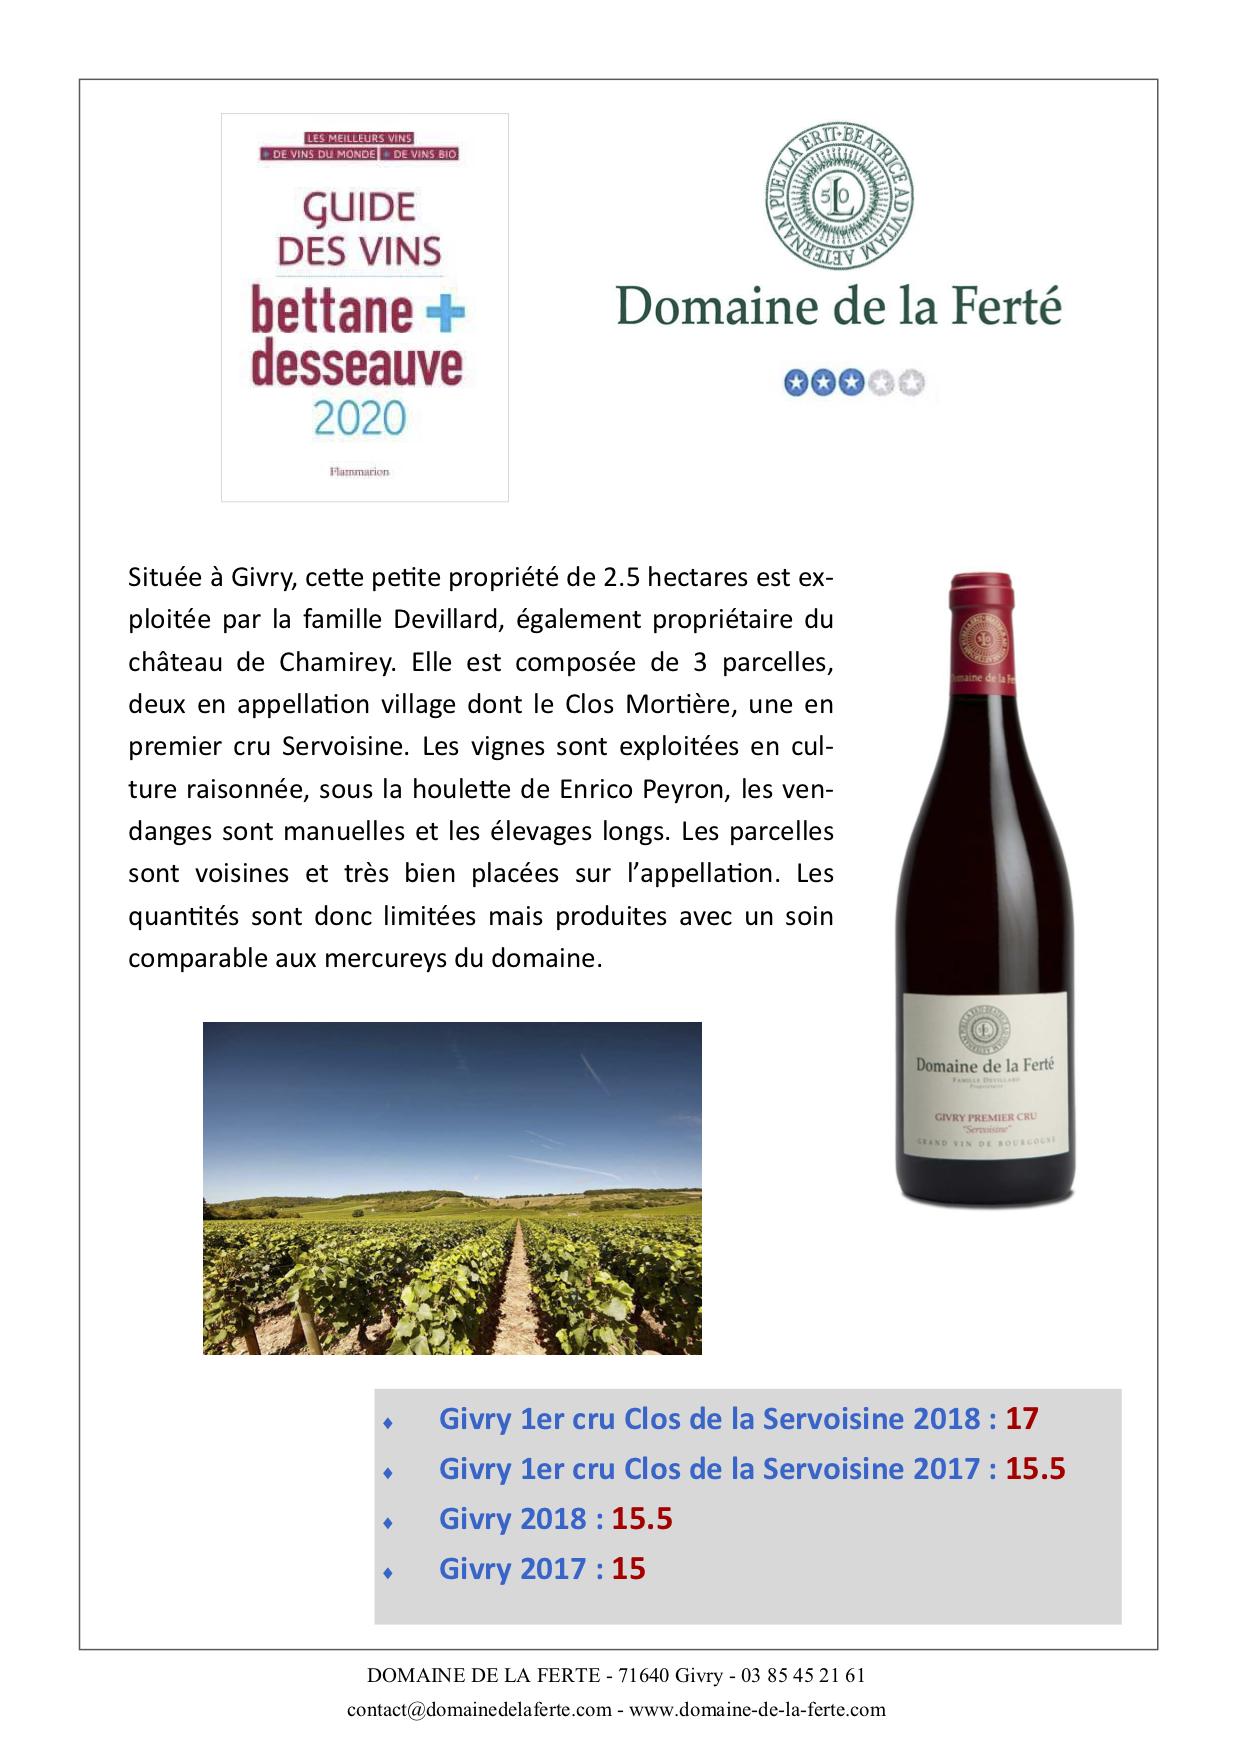 Bettane Desseauve_Ferte 17-18.png